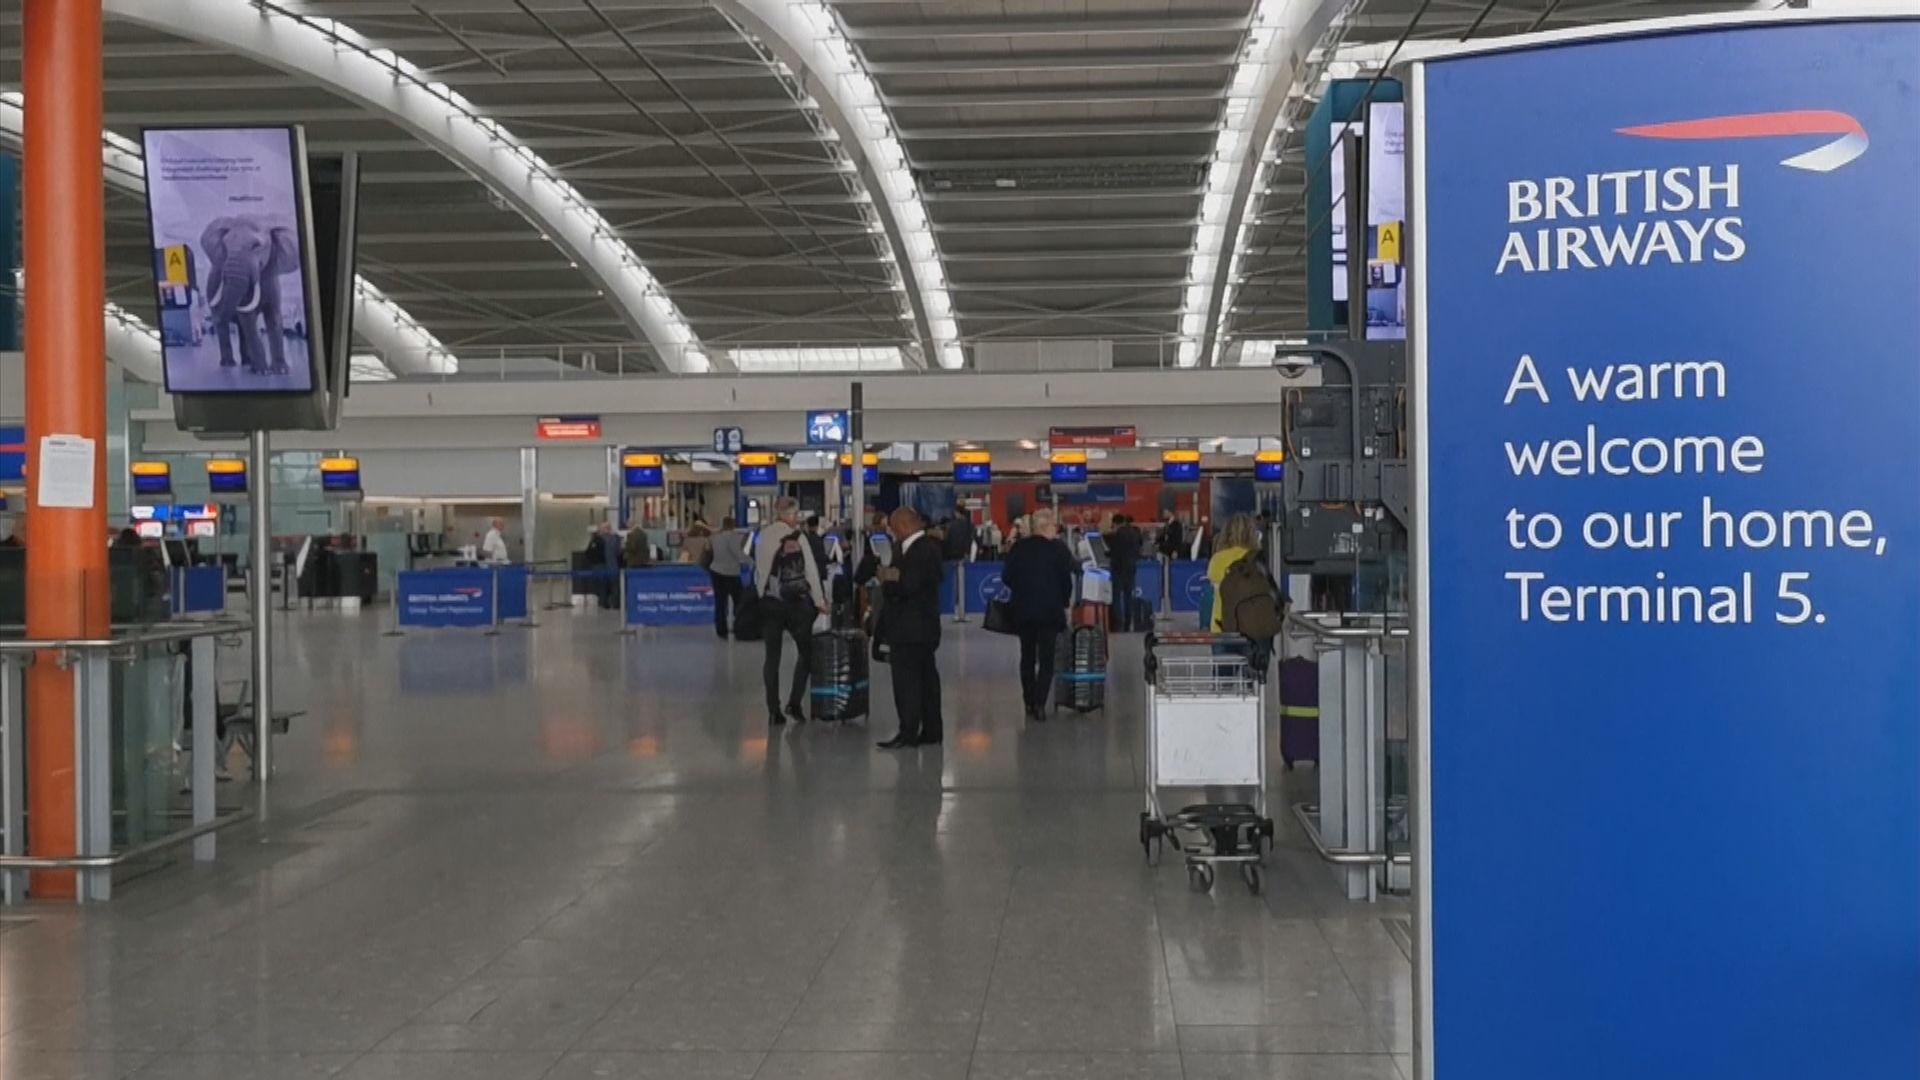 英國收緊防疫措施 法荷旅客入境須隔離14天